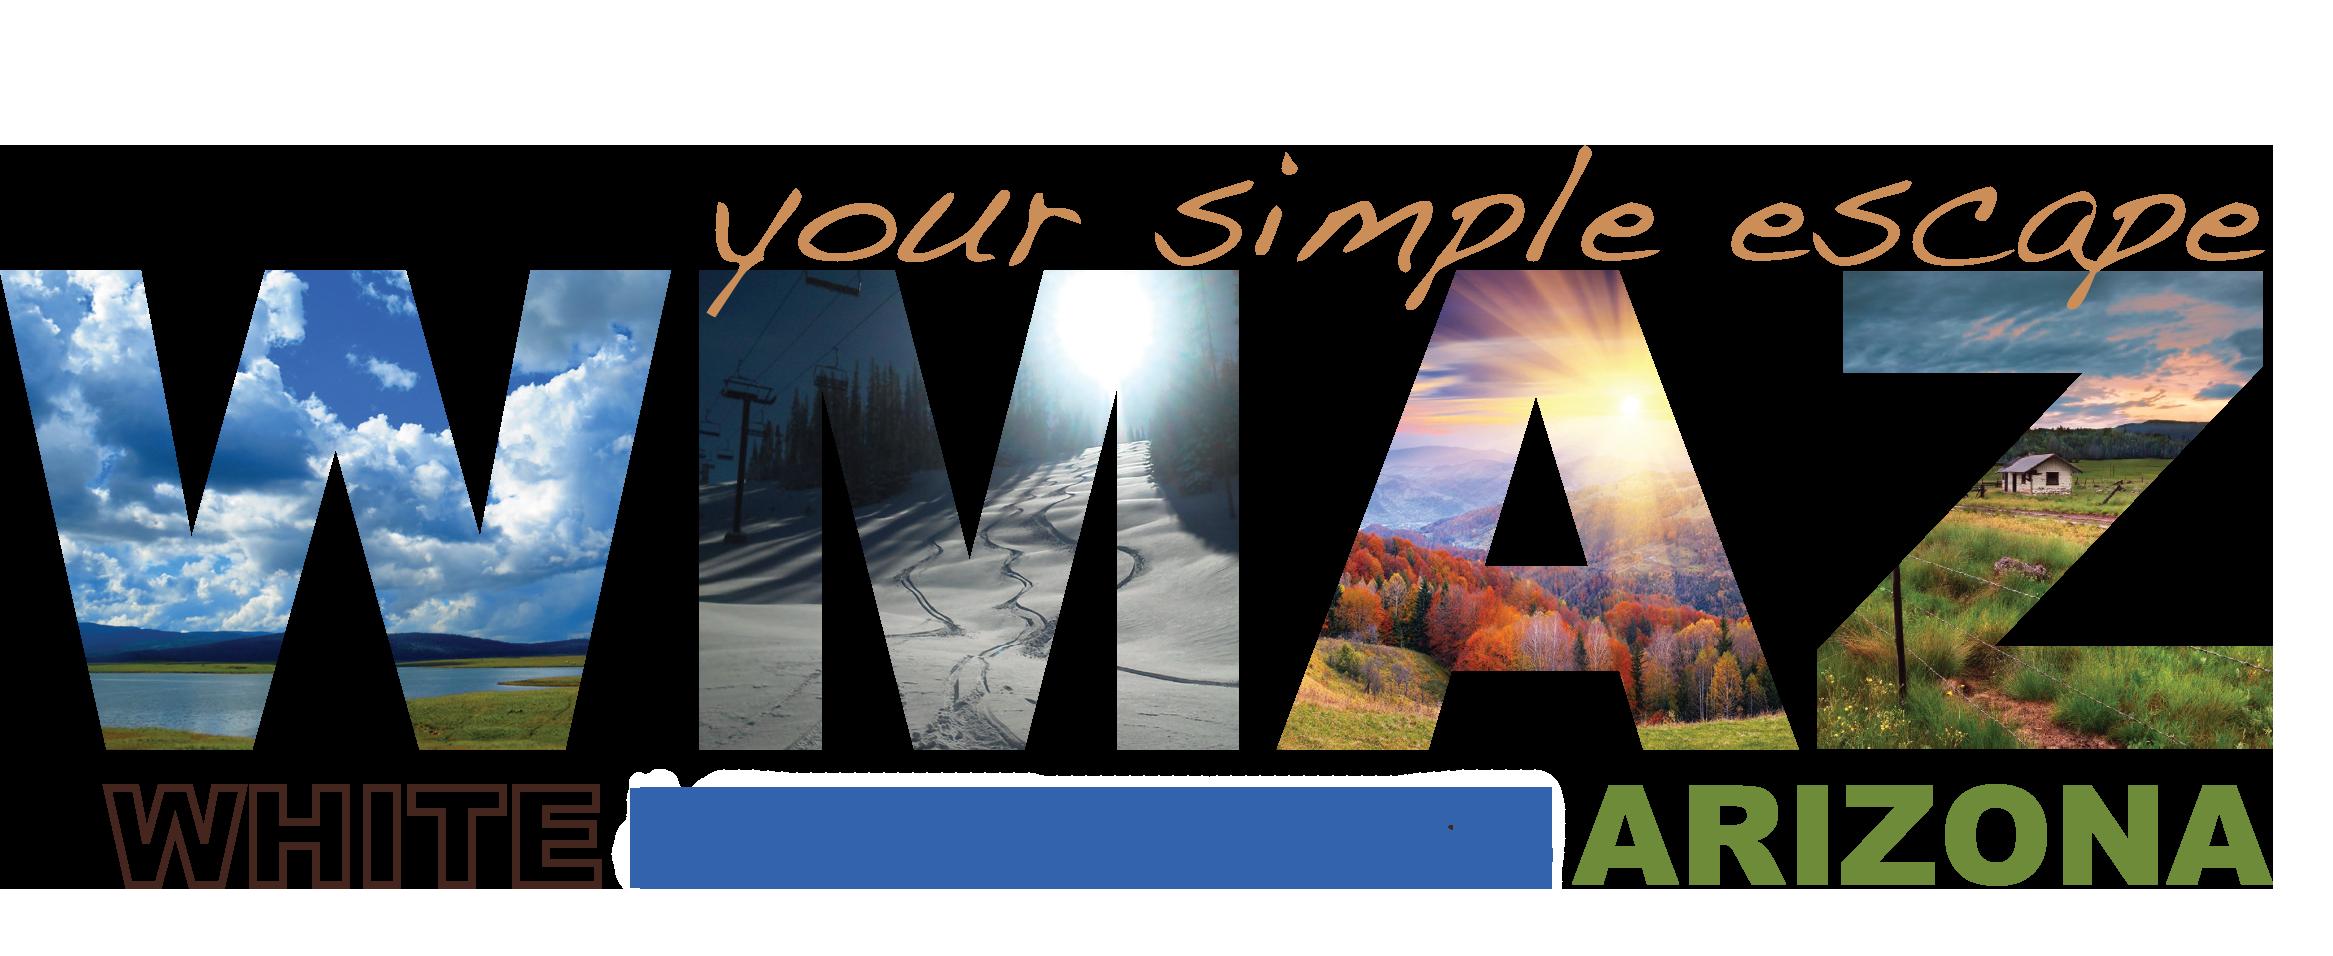 Getting to Arizona\'s White Mountains - Arizona White Mountains